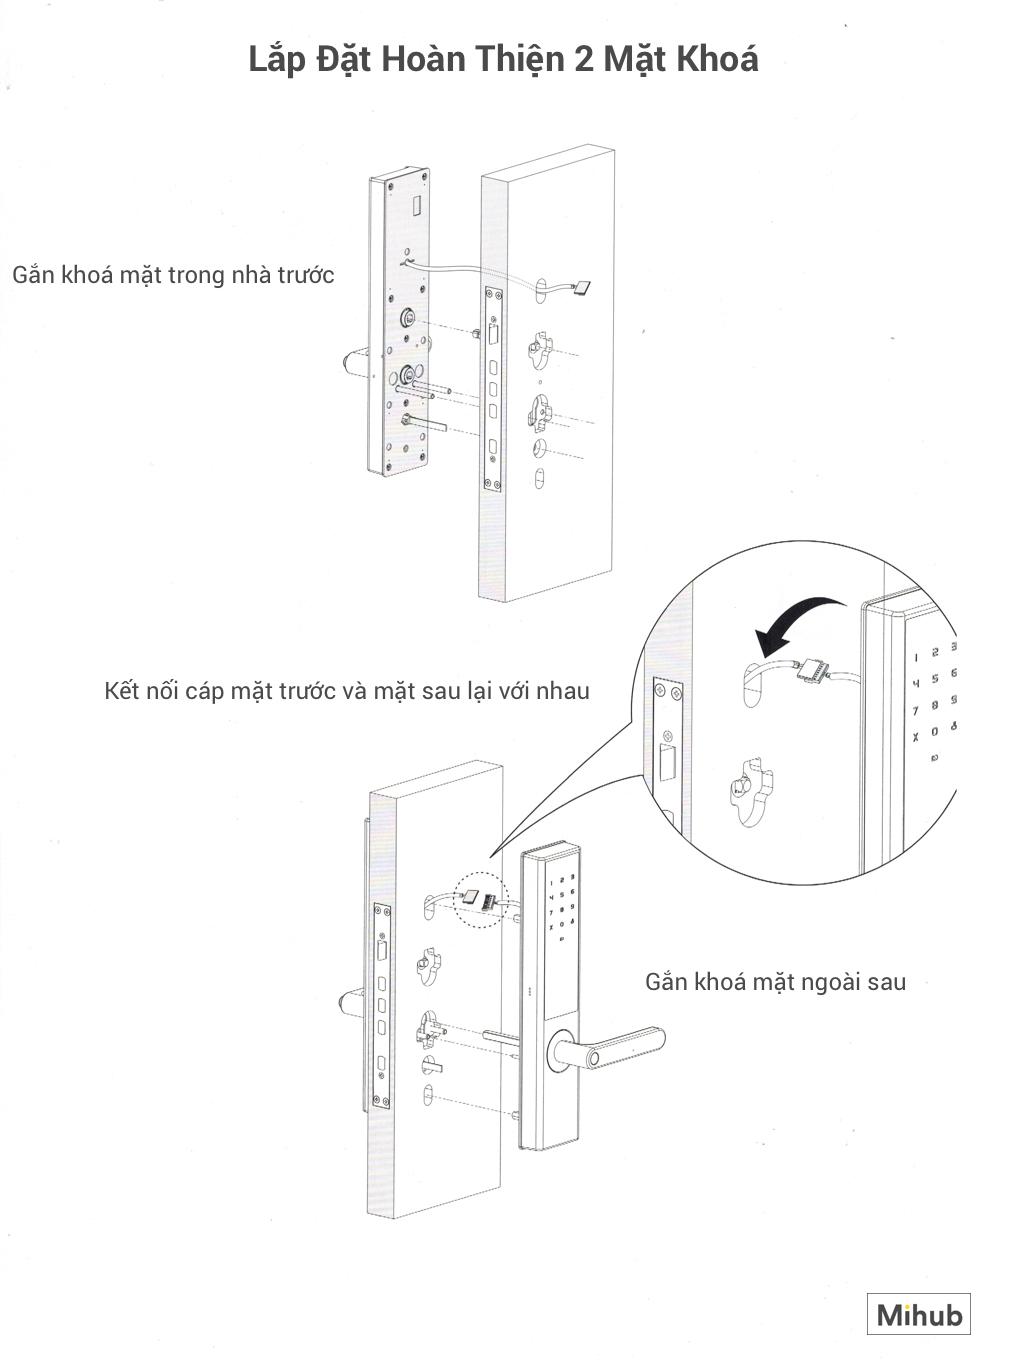 Thuê thợ chuyên Khoá Thông Minh Xiaomi Loock Classic